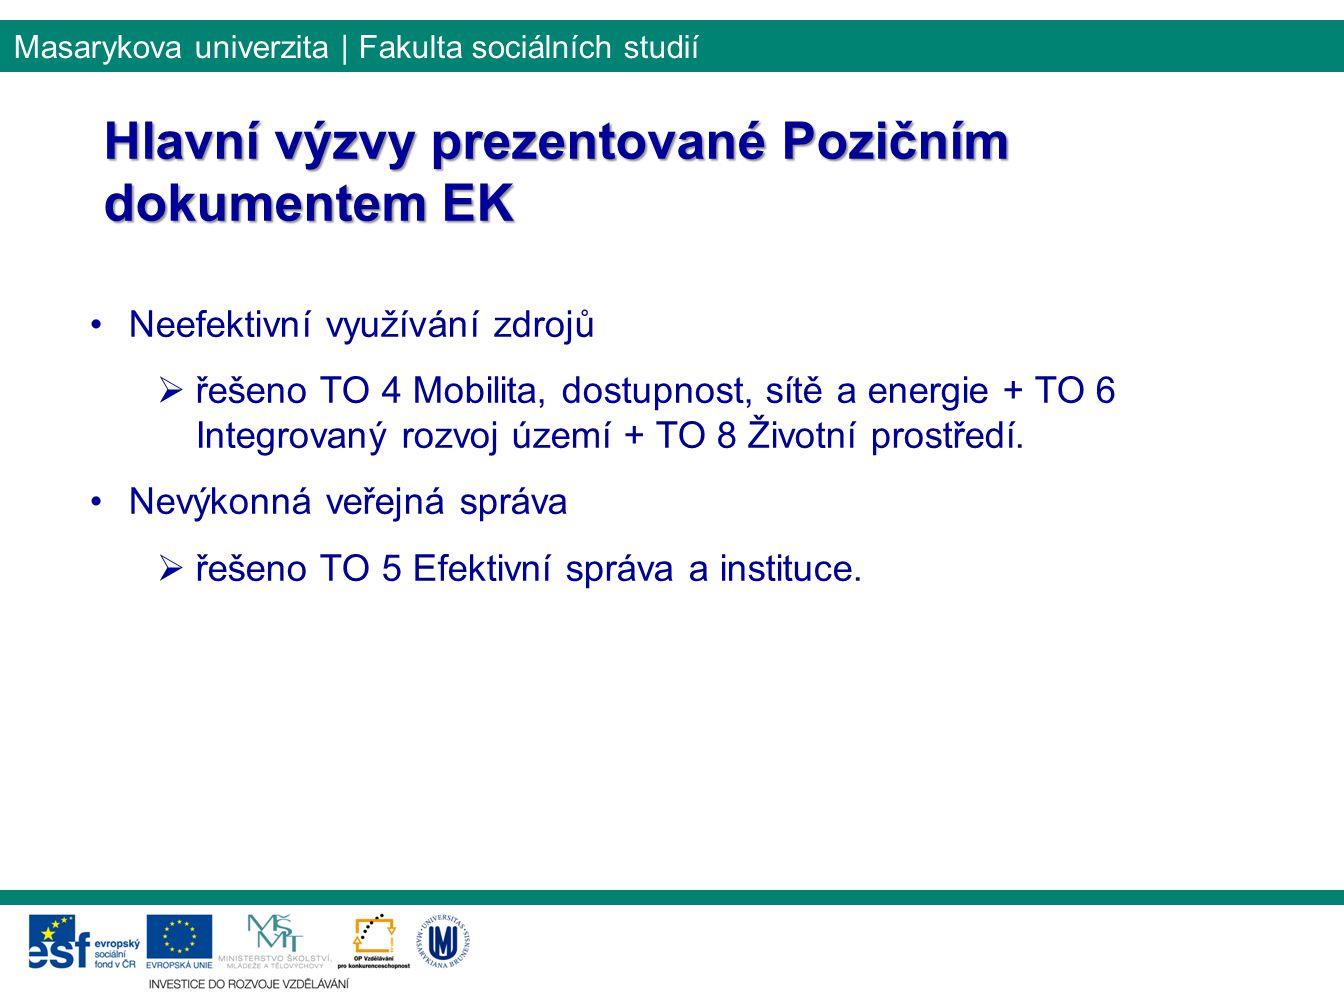 Masarykova univerzita | Fakulta sociálních studií Neefektivní využívání zdrojů  řešeno TO 4 Mobilita, dostupnost, sítě a energie + TO 6 Integrovaný rozvoj území + TO 8 Životní prostředí.